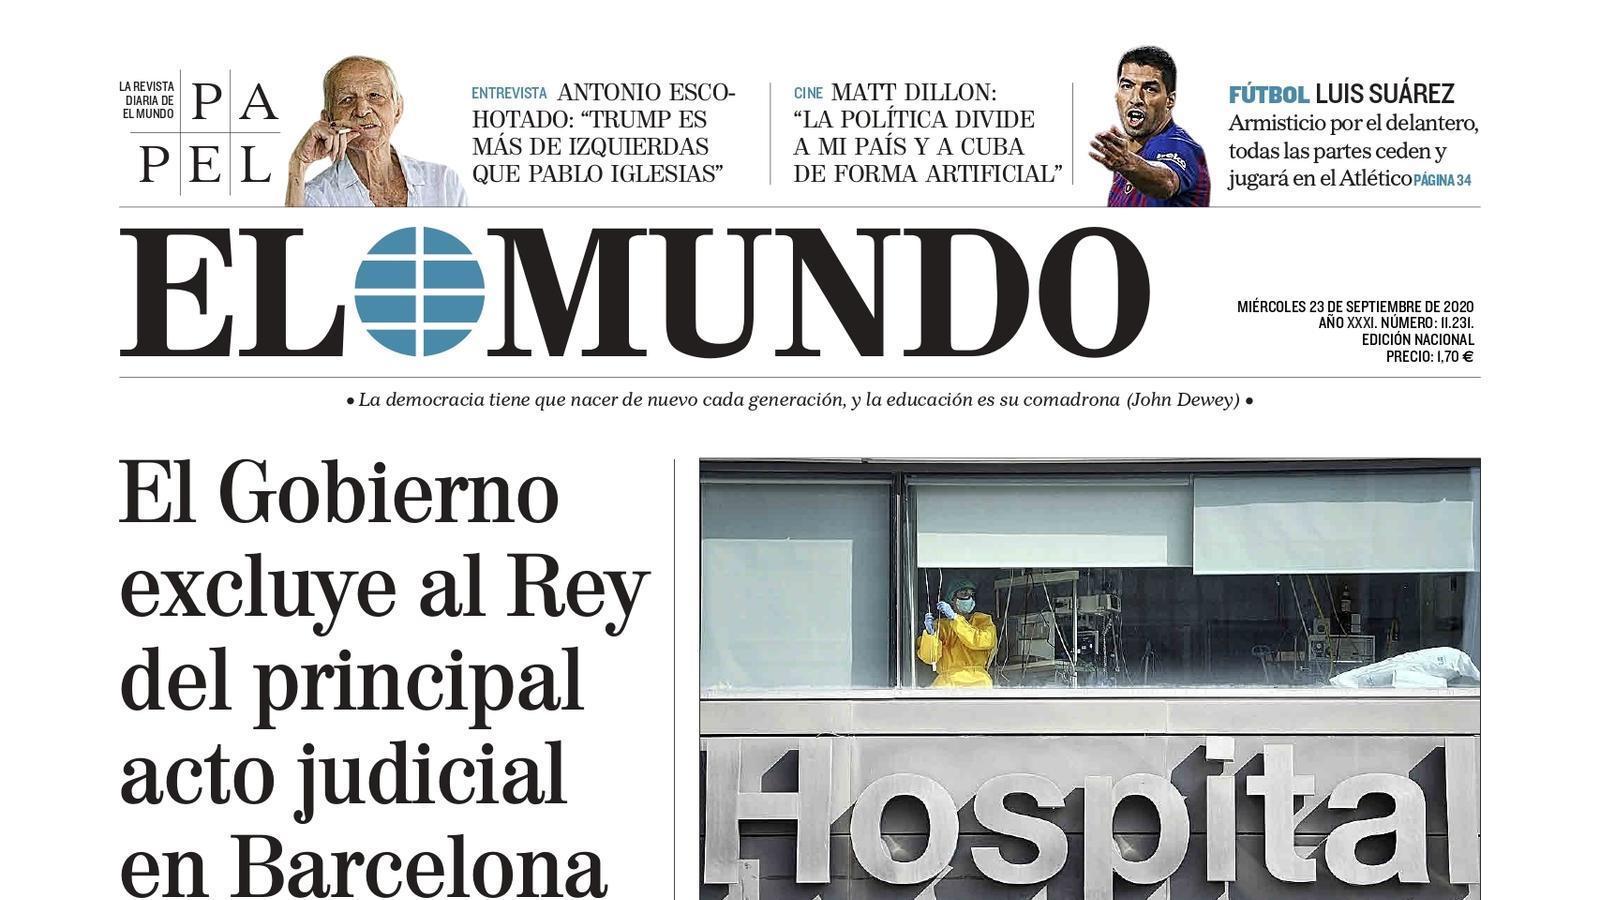 Portada d'El Mundo', 23 de setembre del 2020